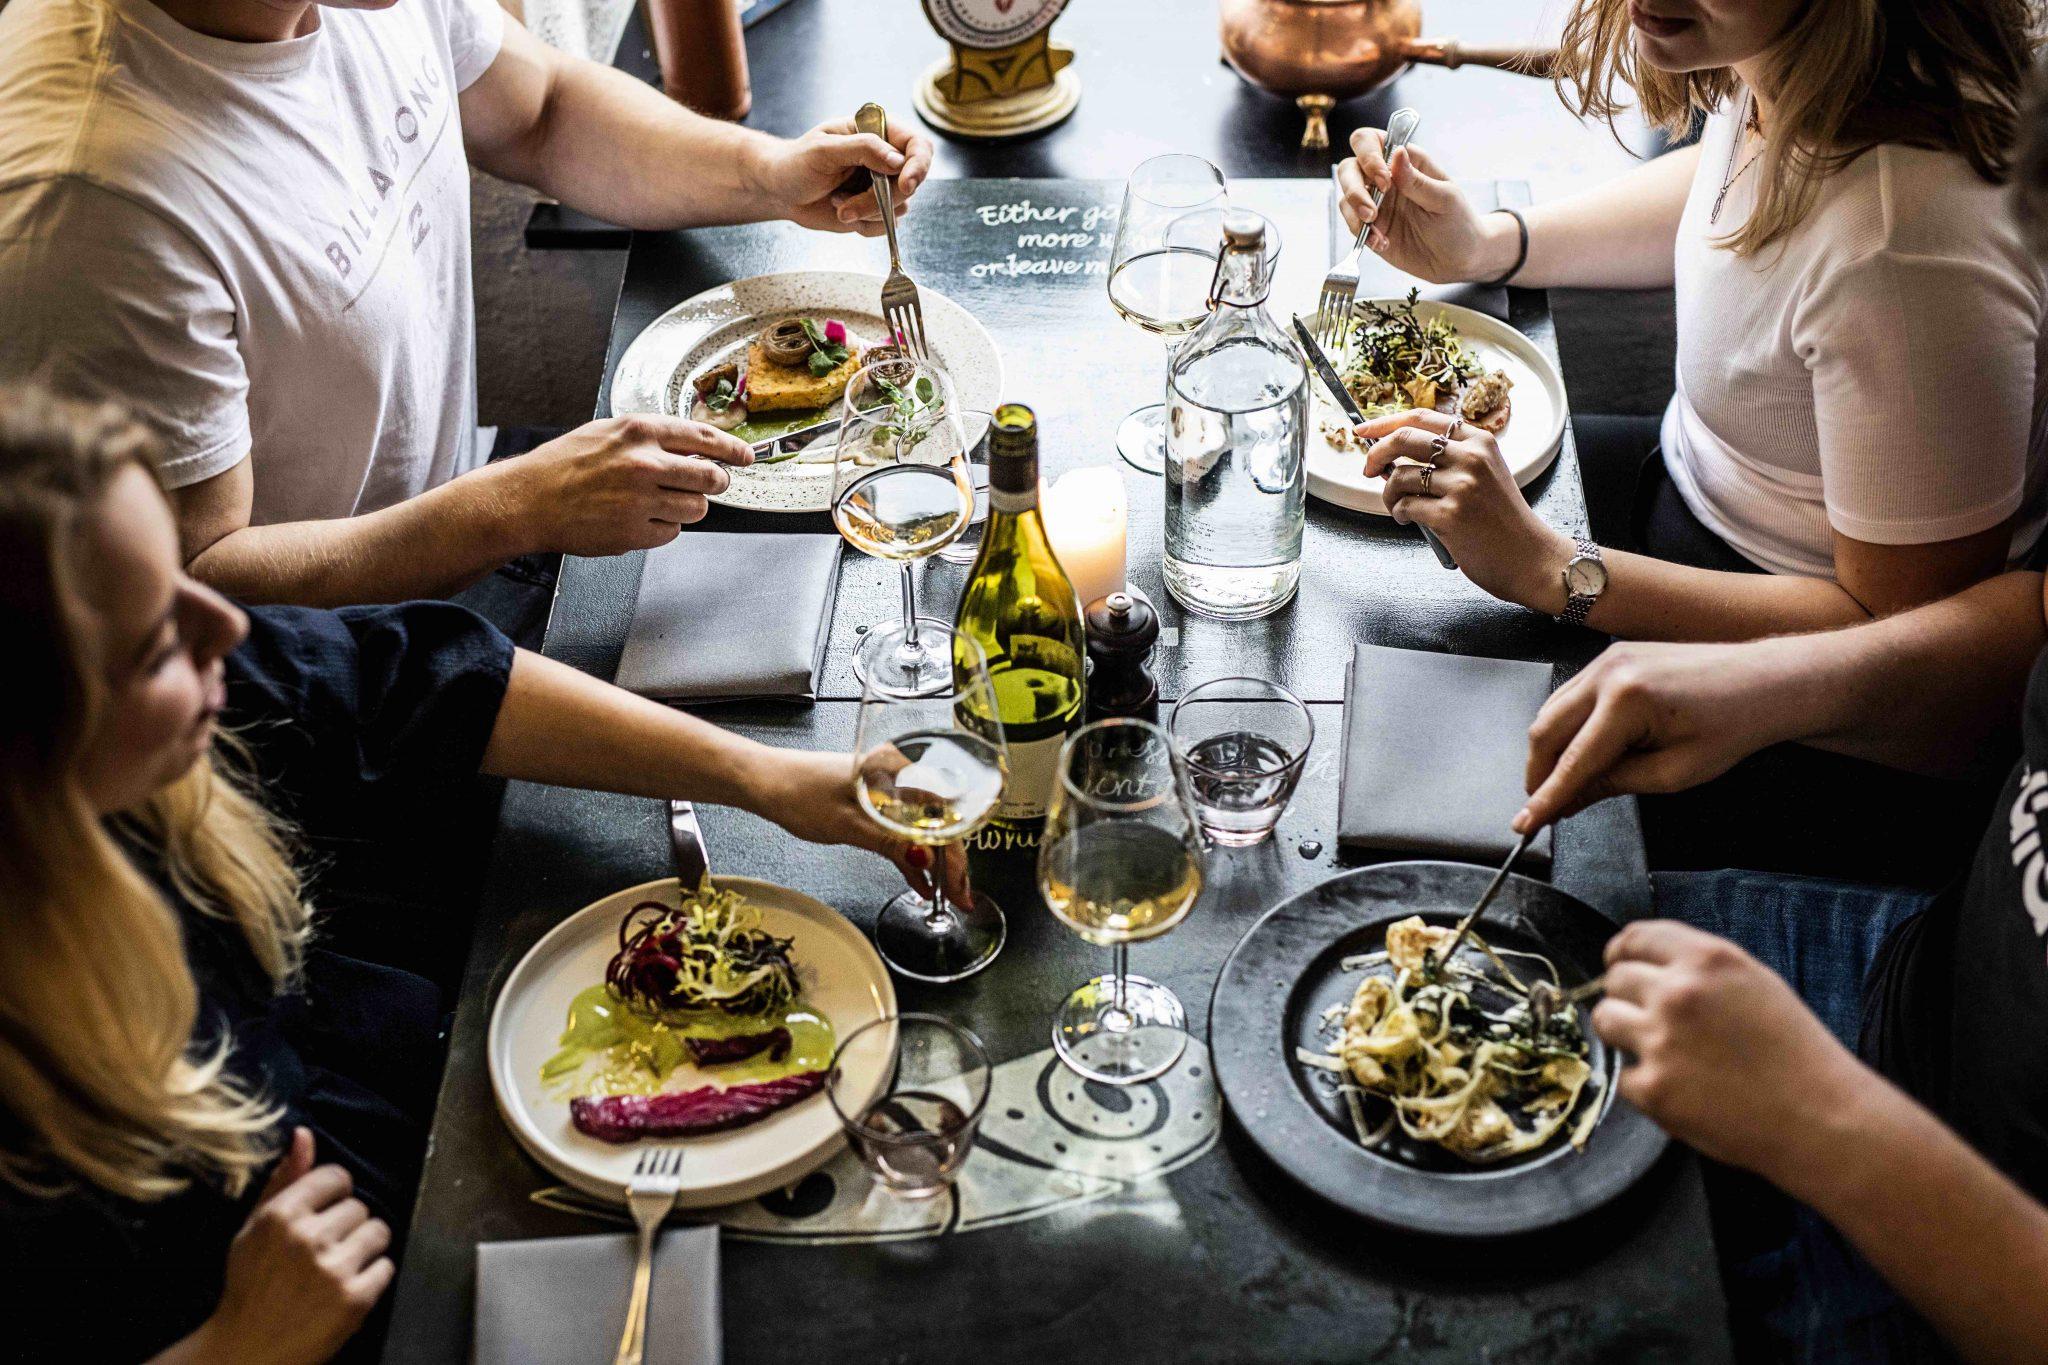 Restaurant MellemRum stedet med god mad og glade mennesker